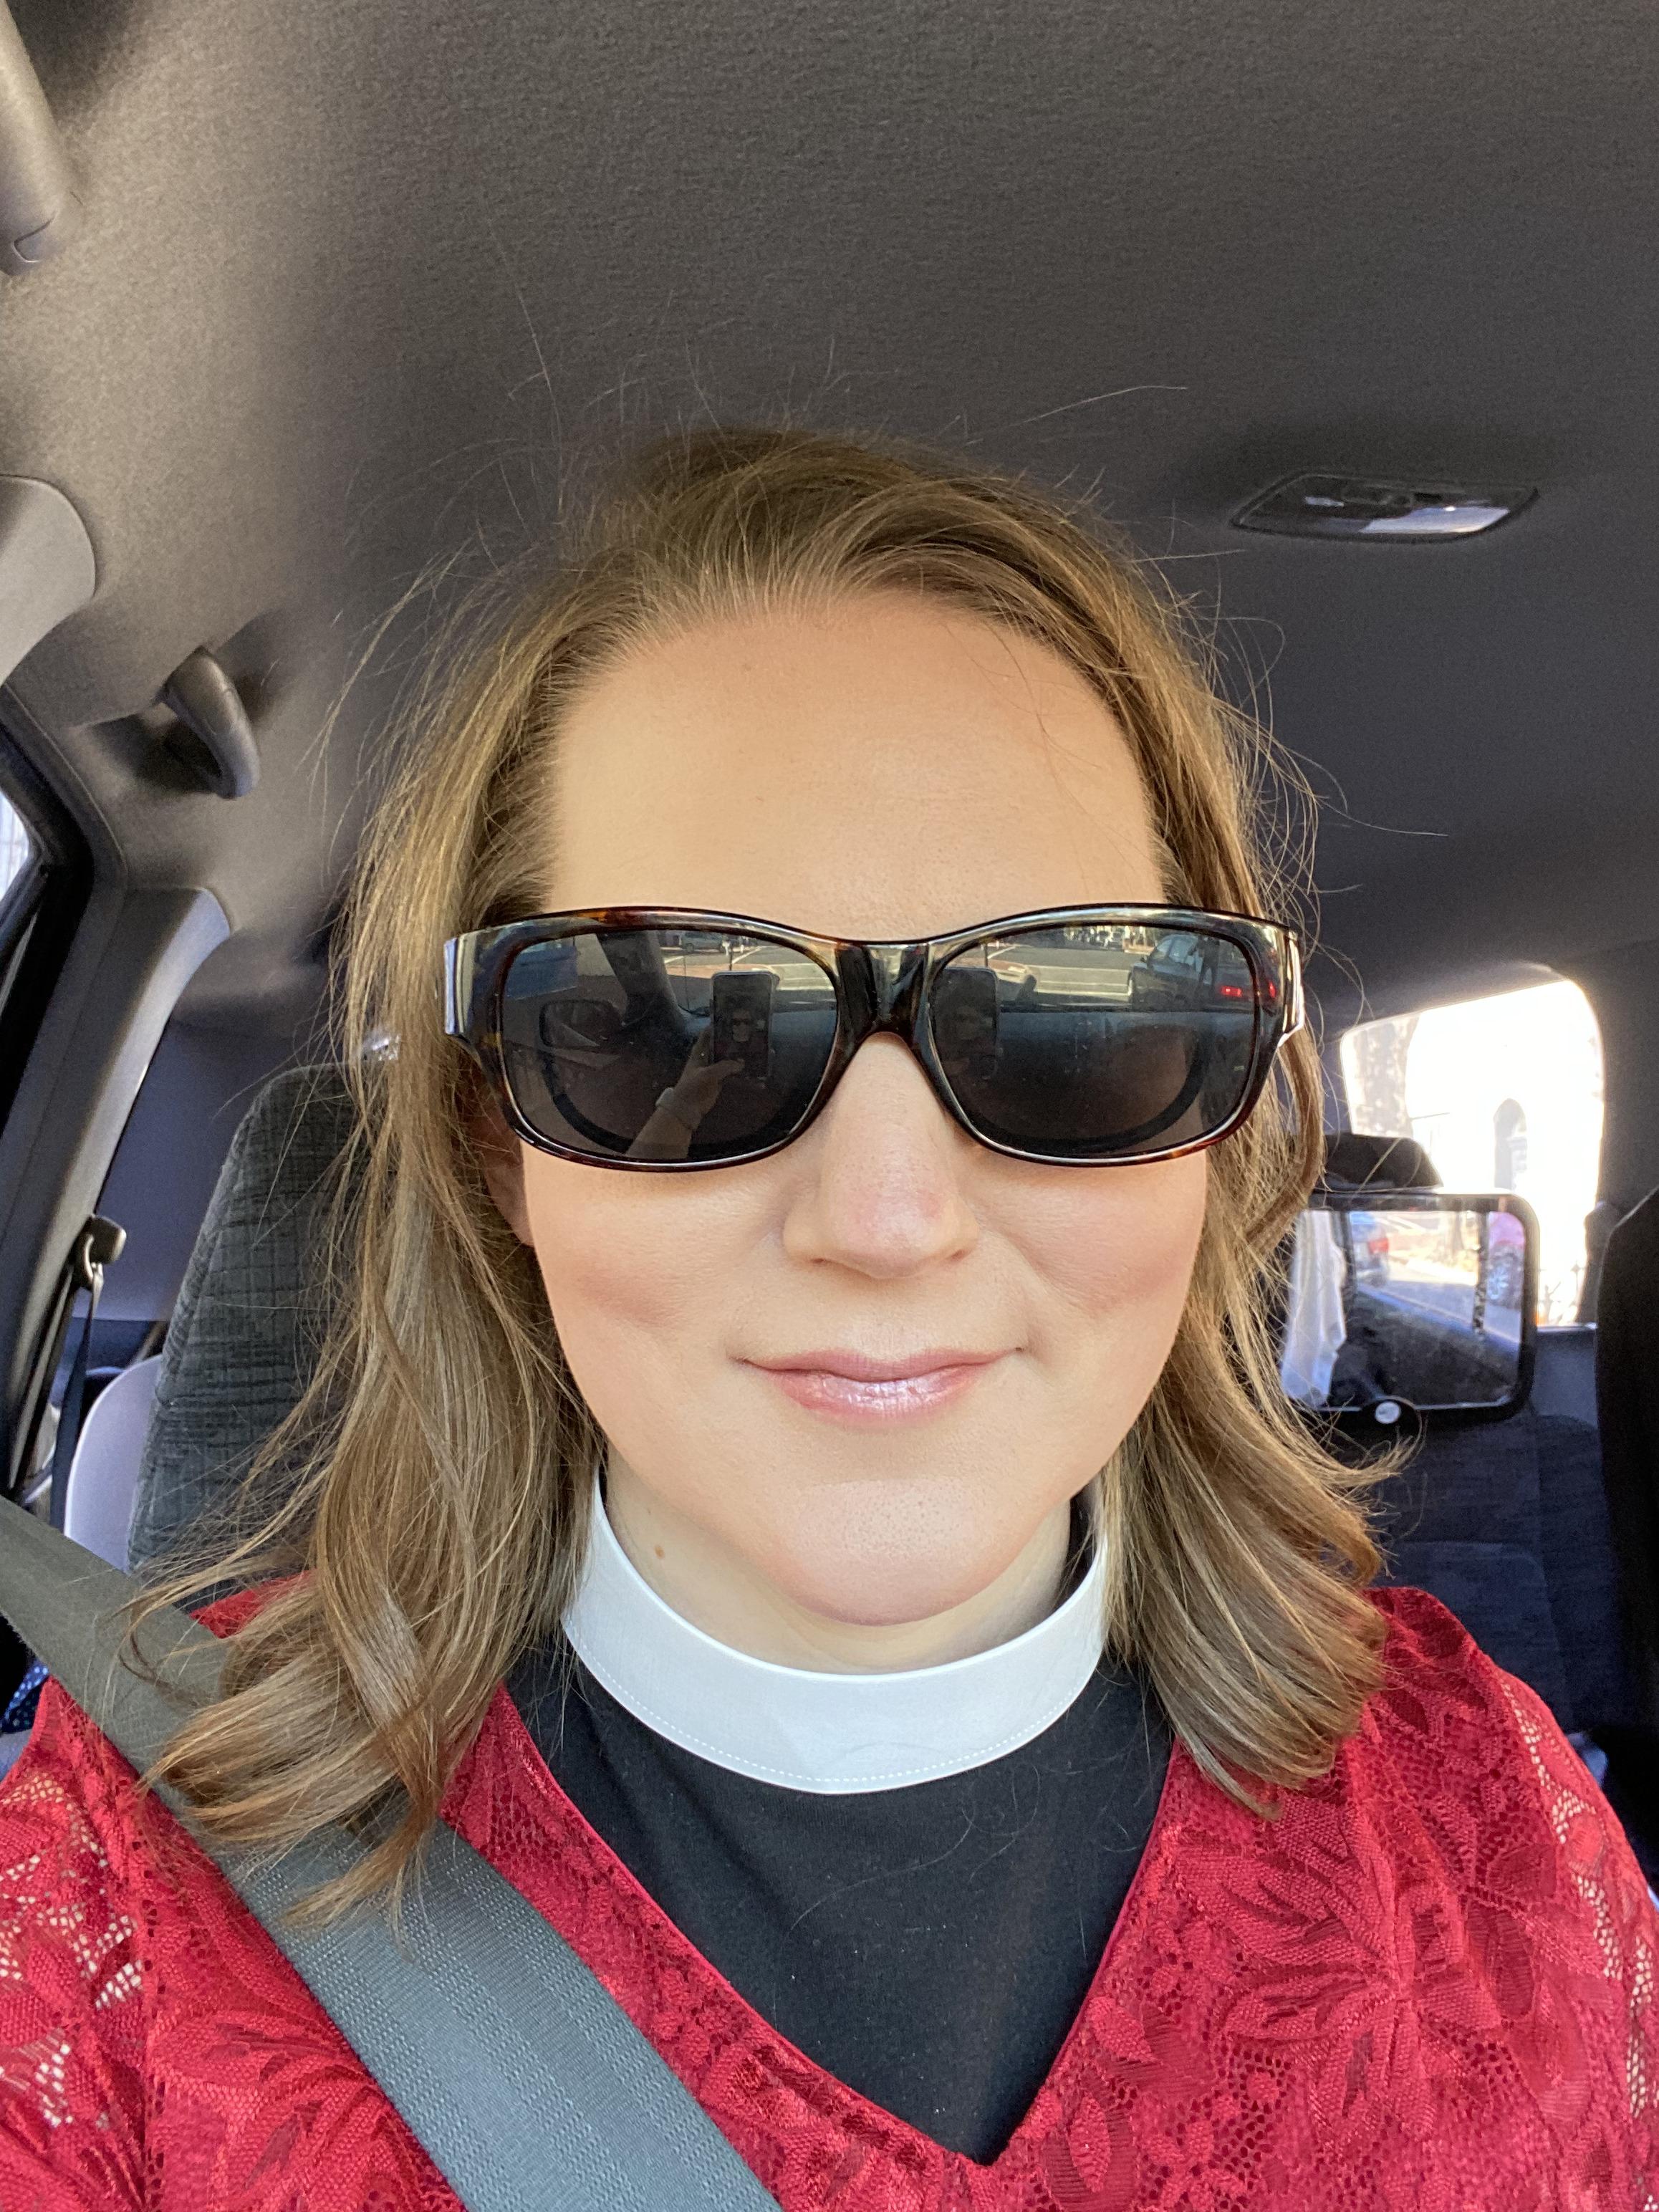 The Rev. Meg Goldstein